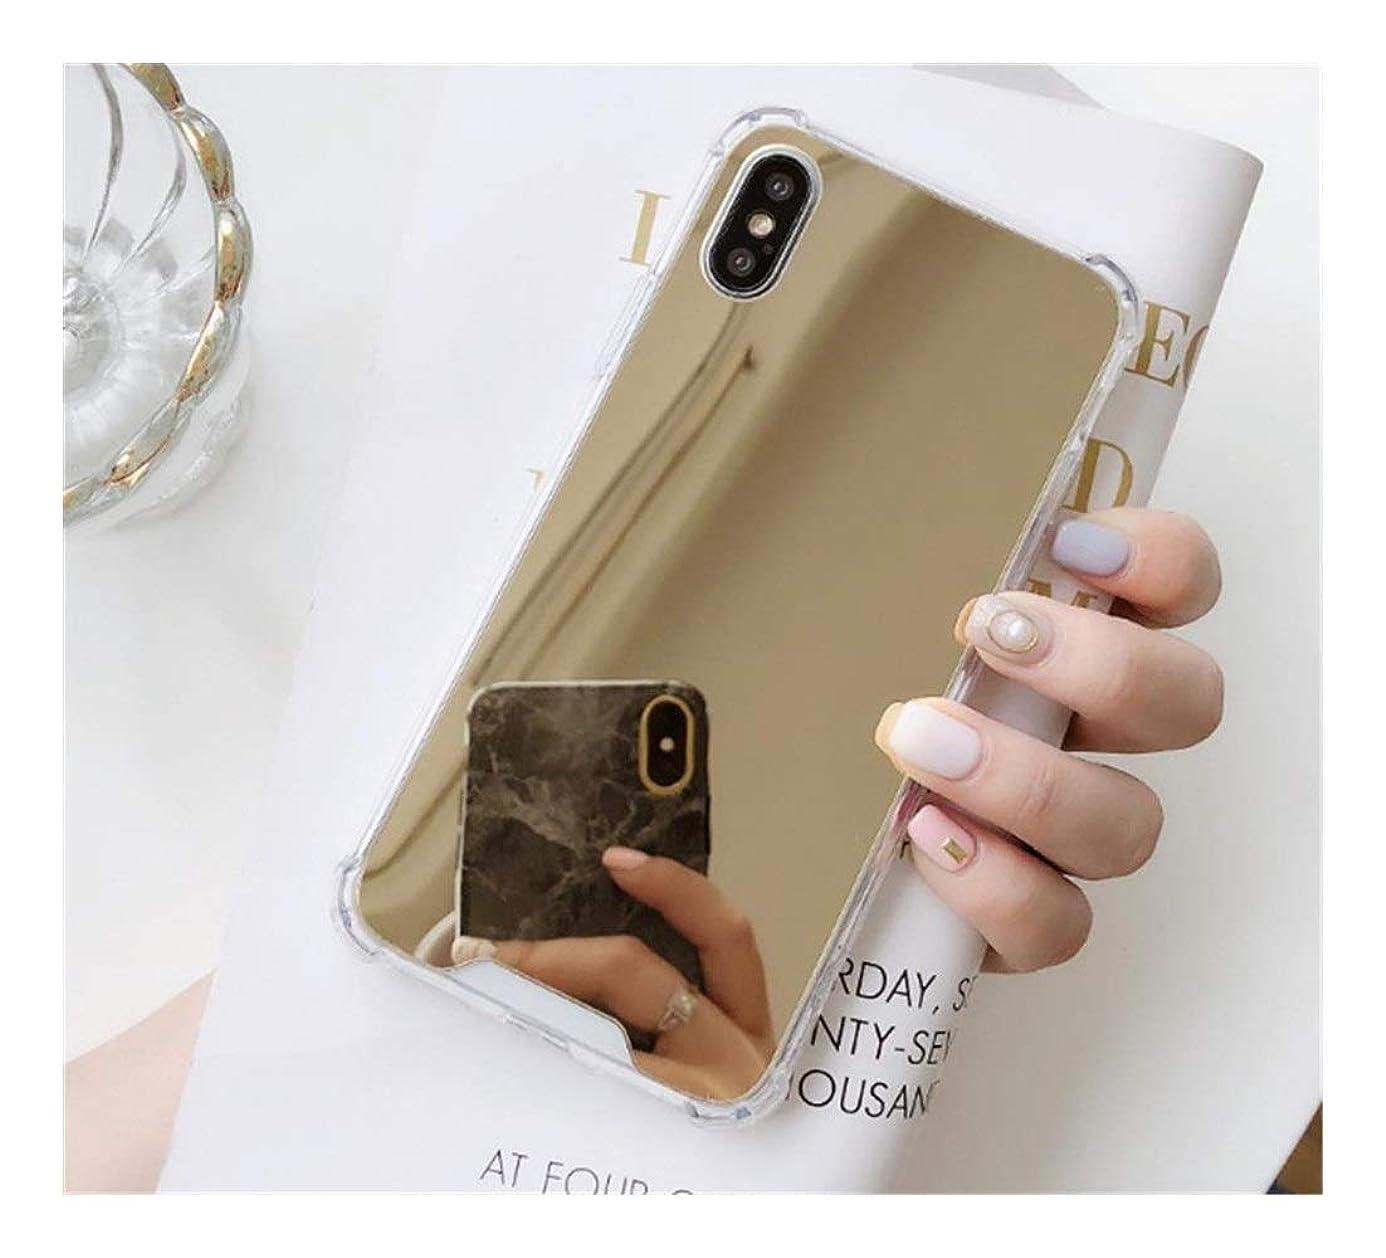 発掘する考慮封建KAZOKUYiZi スマホケース 携帯ケース for Iphone 11/XS/X/XS/8/7/6 かわいい 軽量 保護ケース 鏡 カバー 落下防止 ミラー (Color : Golden, Size : Iphone6p/6Splus)